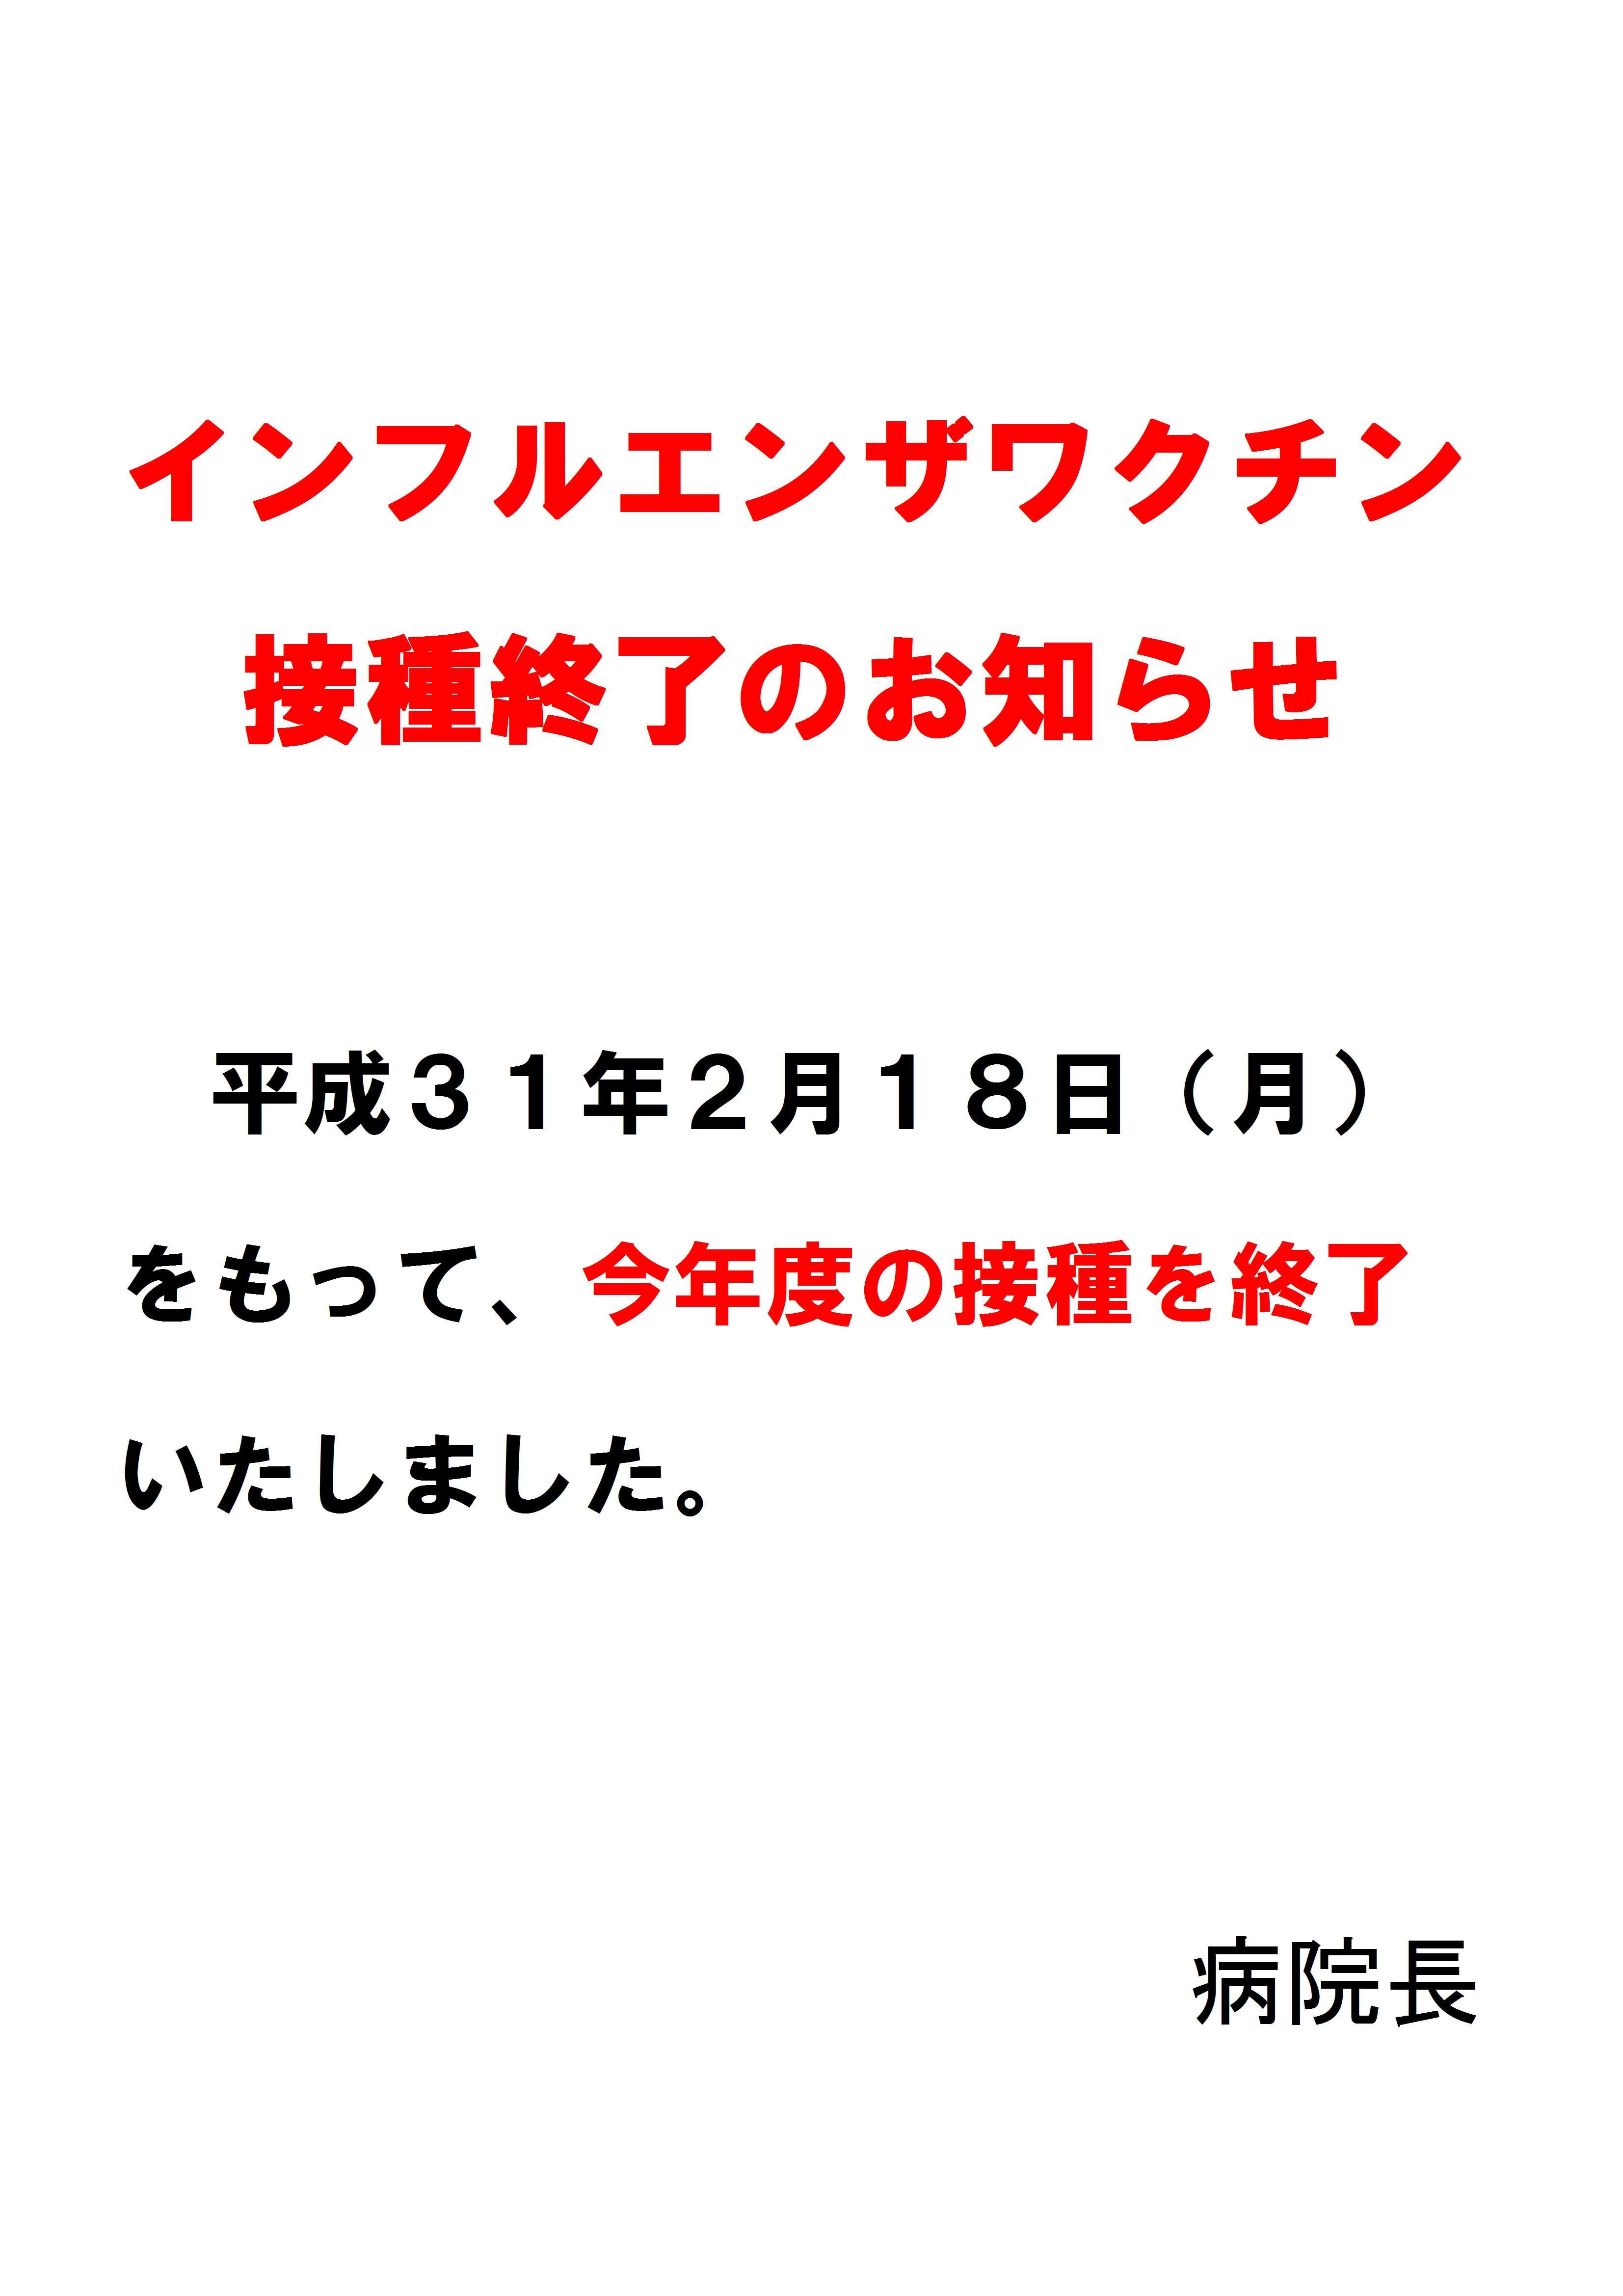 インフルエンザワクチン終了(H31.2.18).jpg